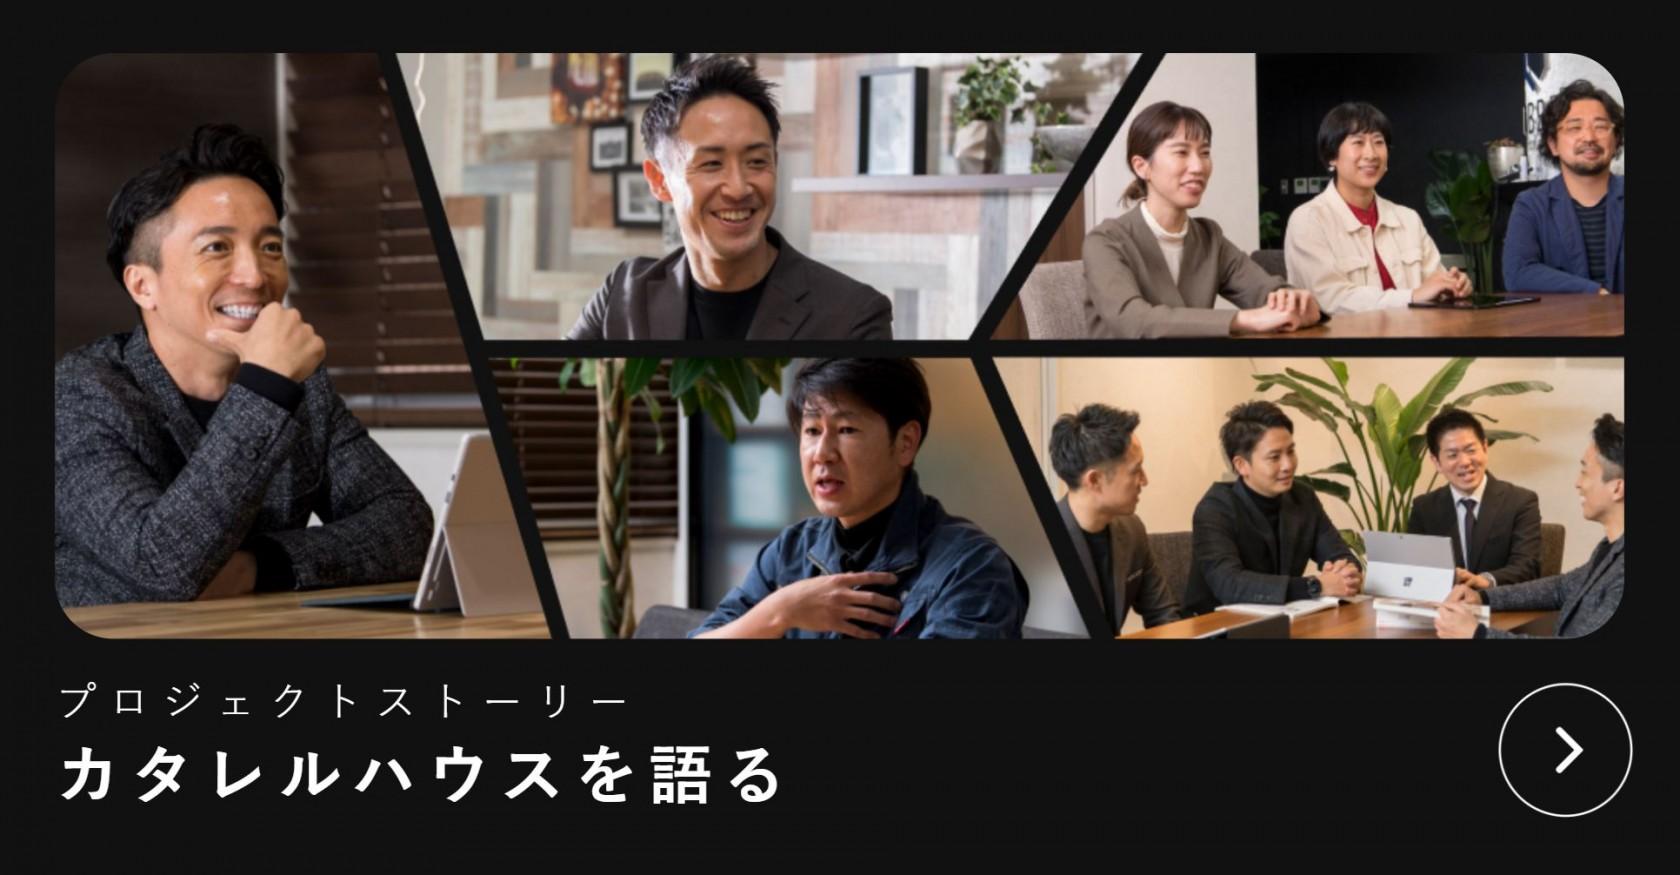 【カタレルハウスストーリー】